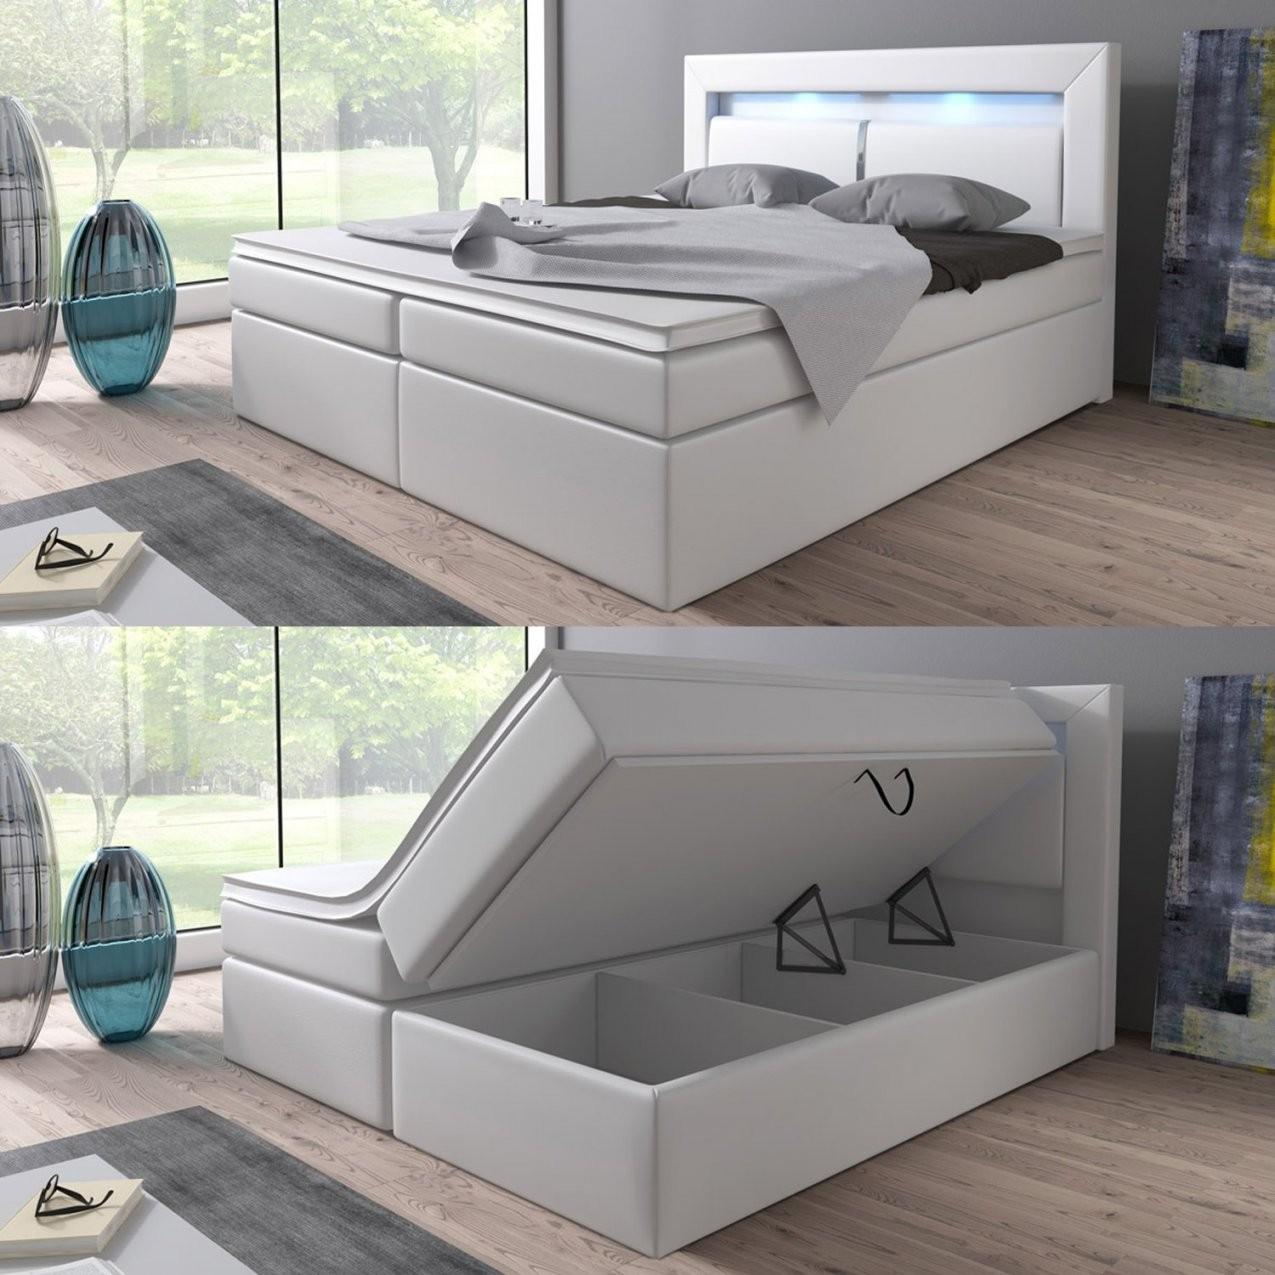 Haus Möbel Bett Mit Bettkasten Günstig 15042 Haus Ideen Galerie von Bett Mit Bettkasten Günstig Photo